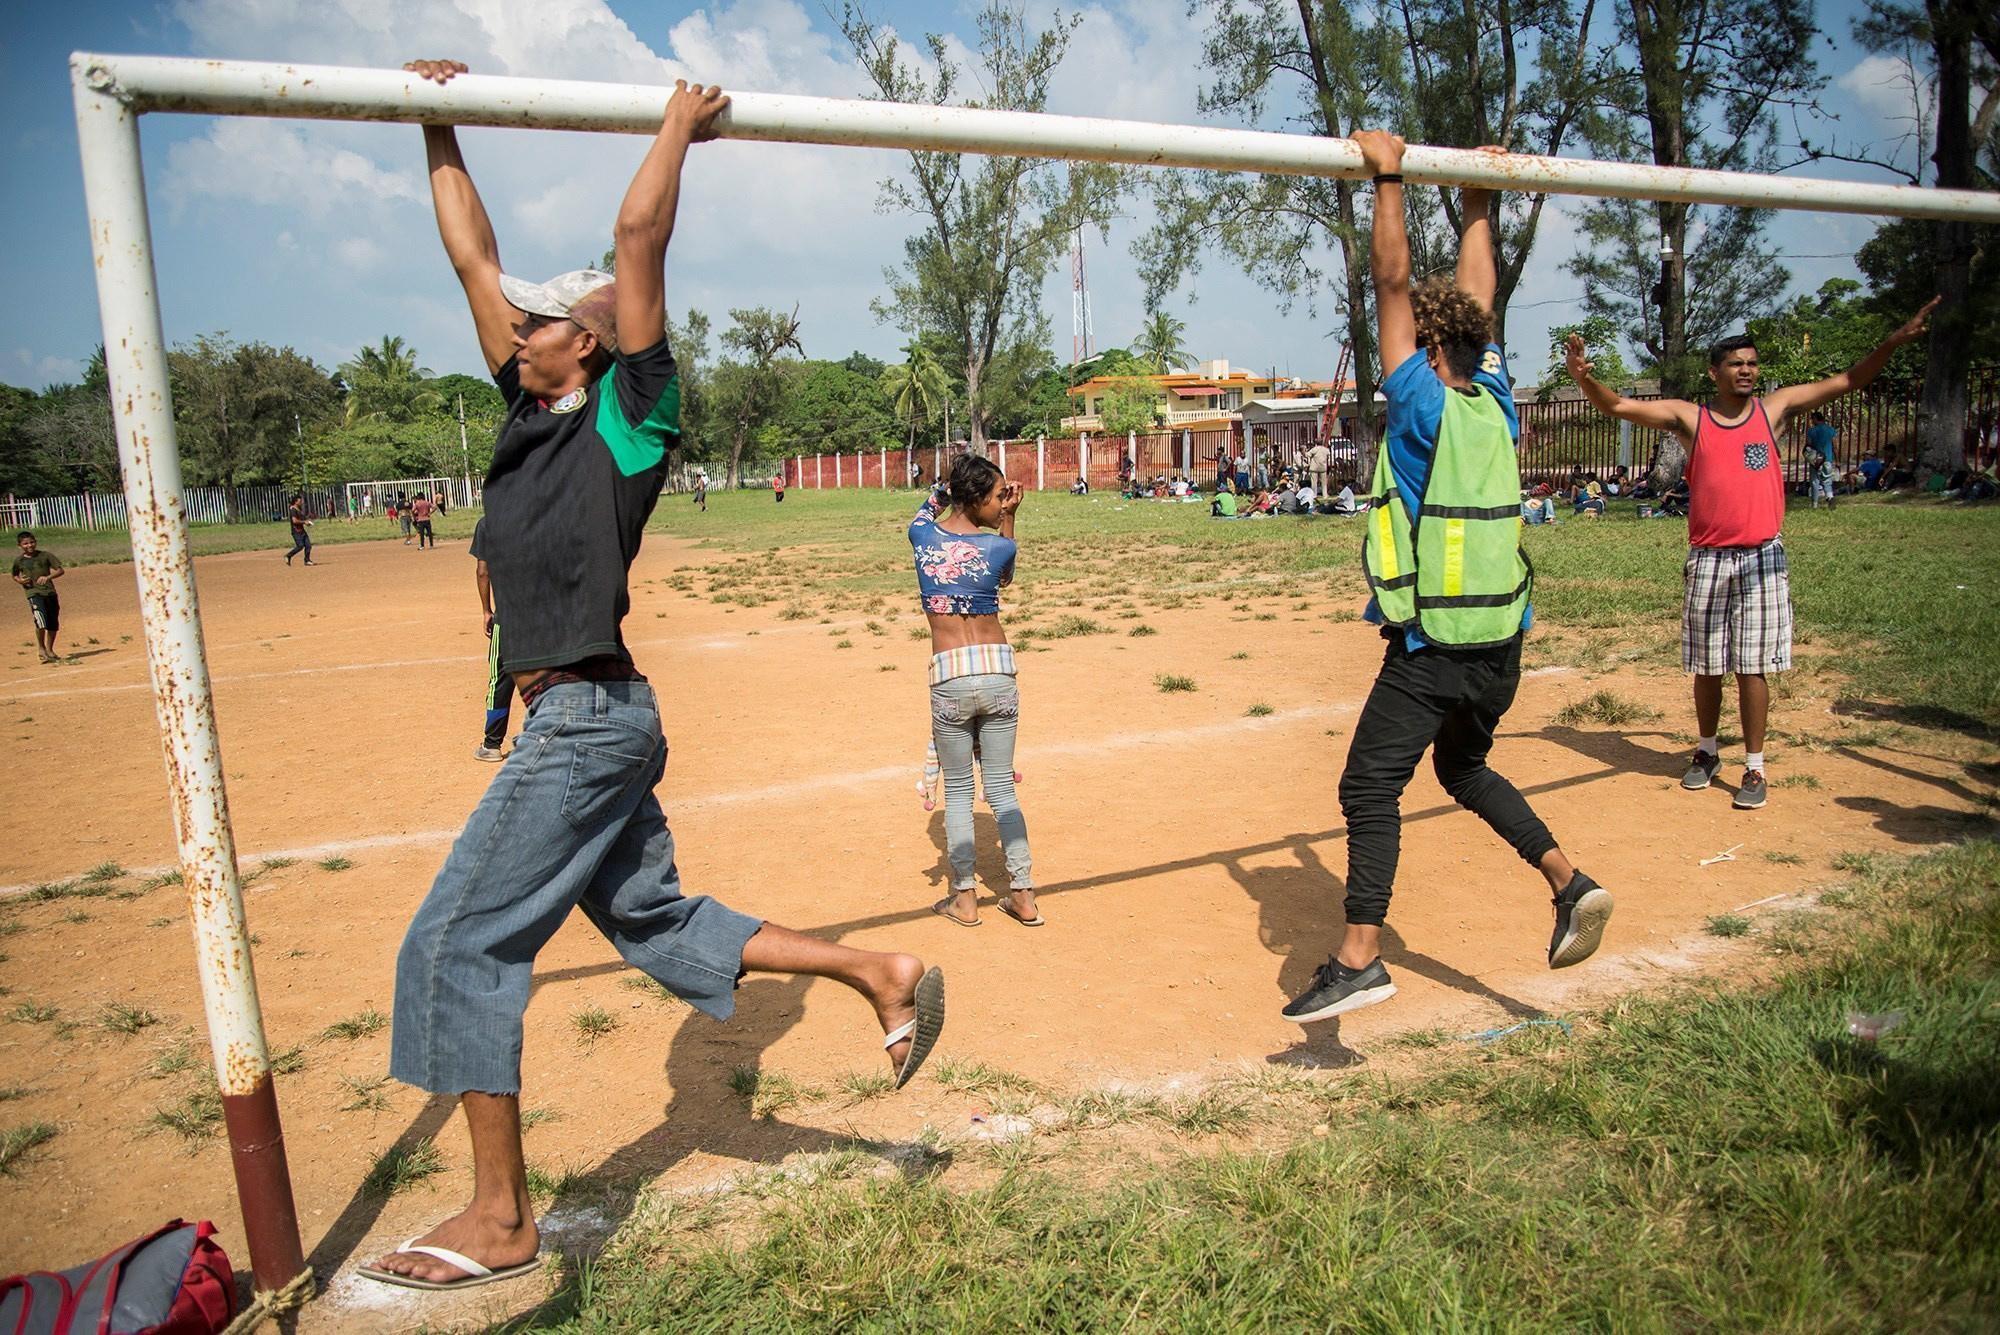 I migranti, arrivati da poco in Messico a Matias Romero, giocano e ricevono assistenza.